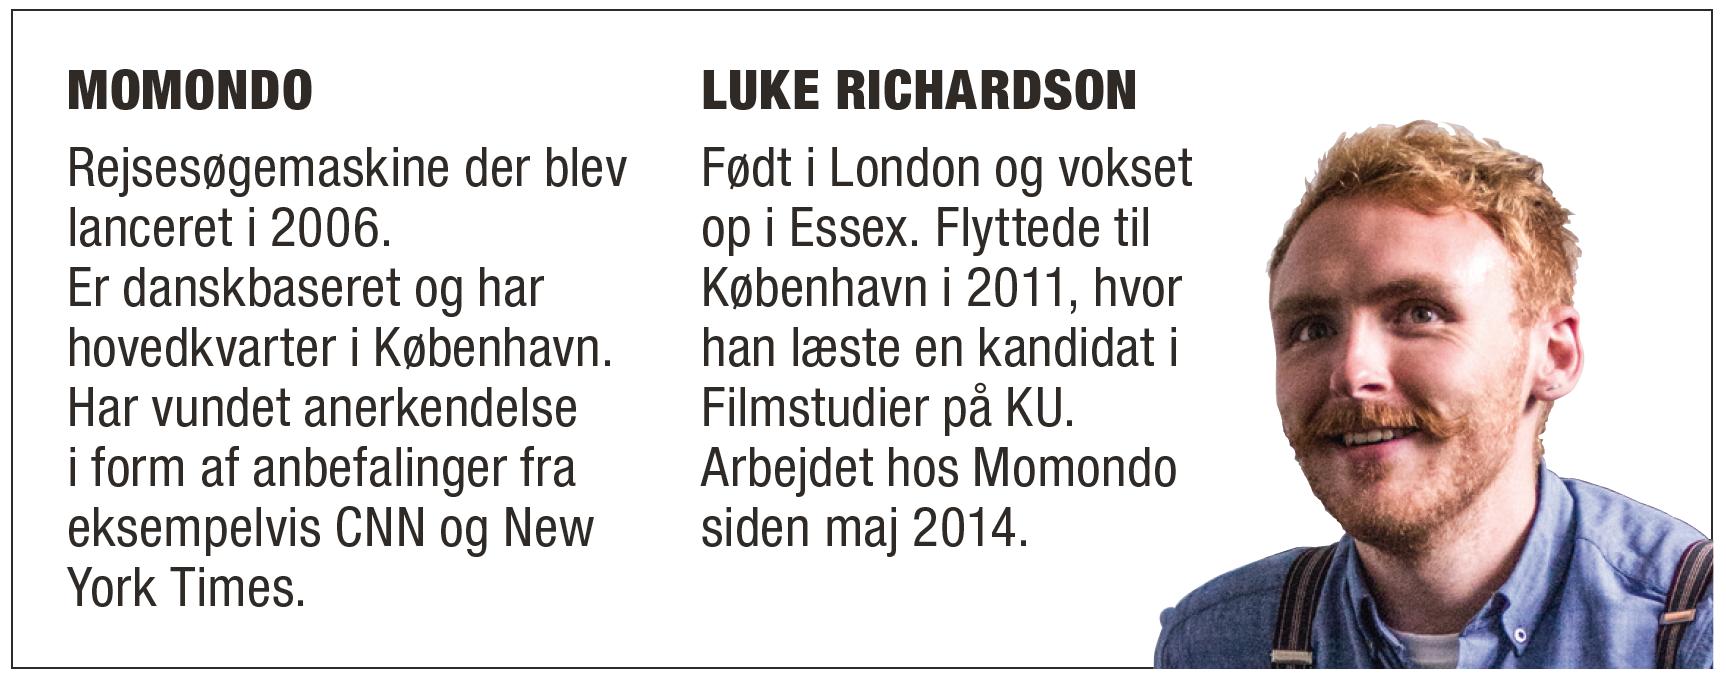 Om_Momondo_og_Luke_Richardson.png